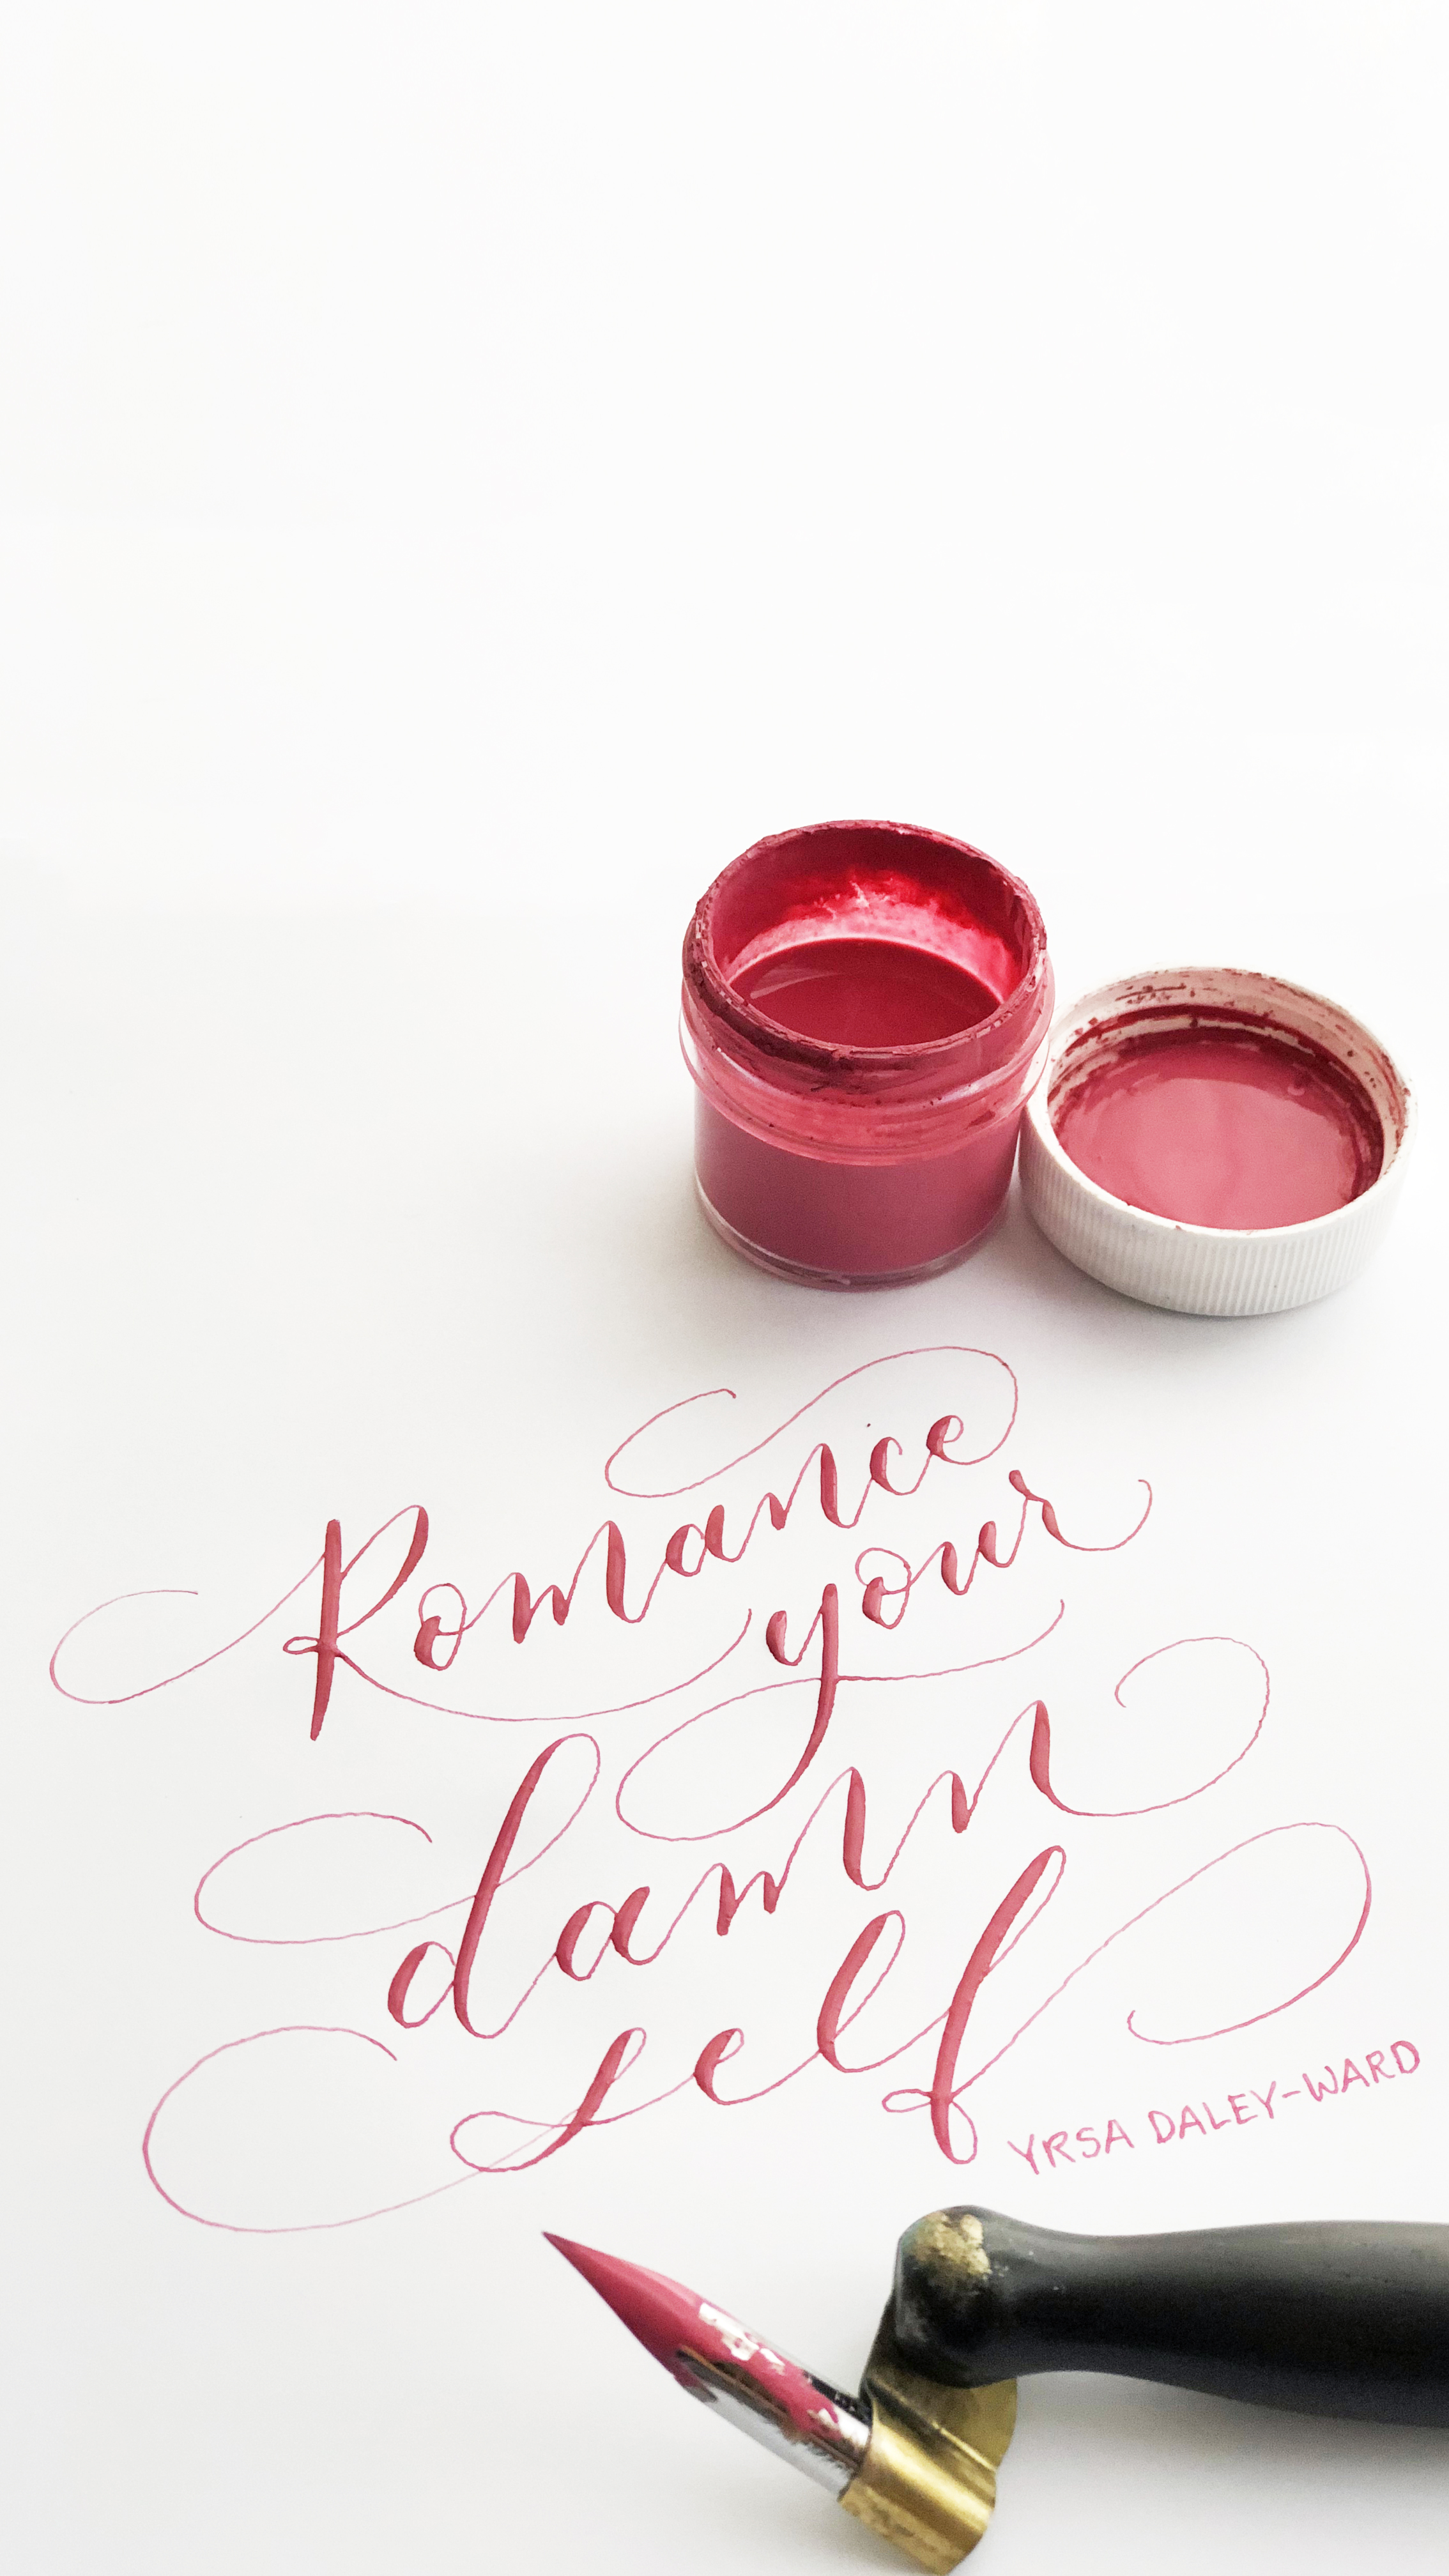 Romance-your-damn-self-MOBILE.jpg